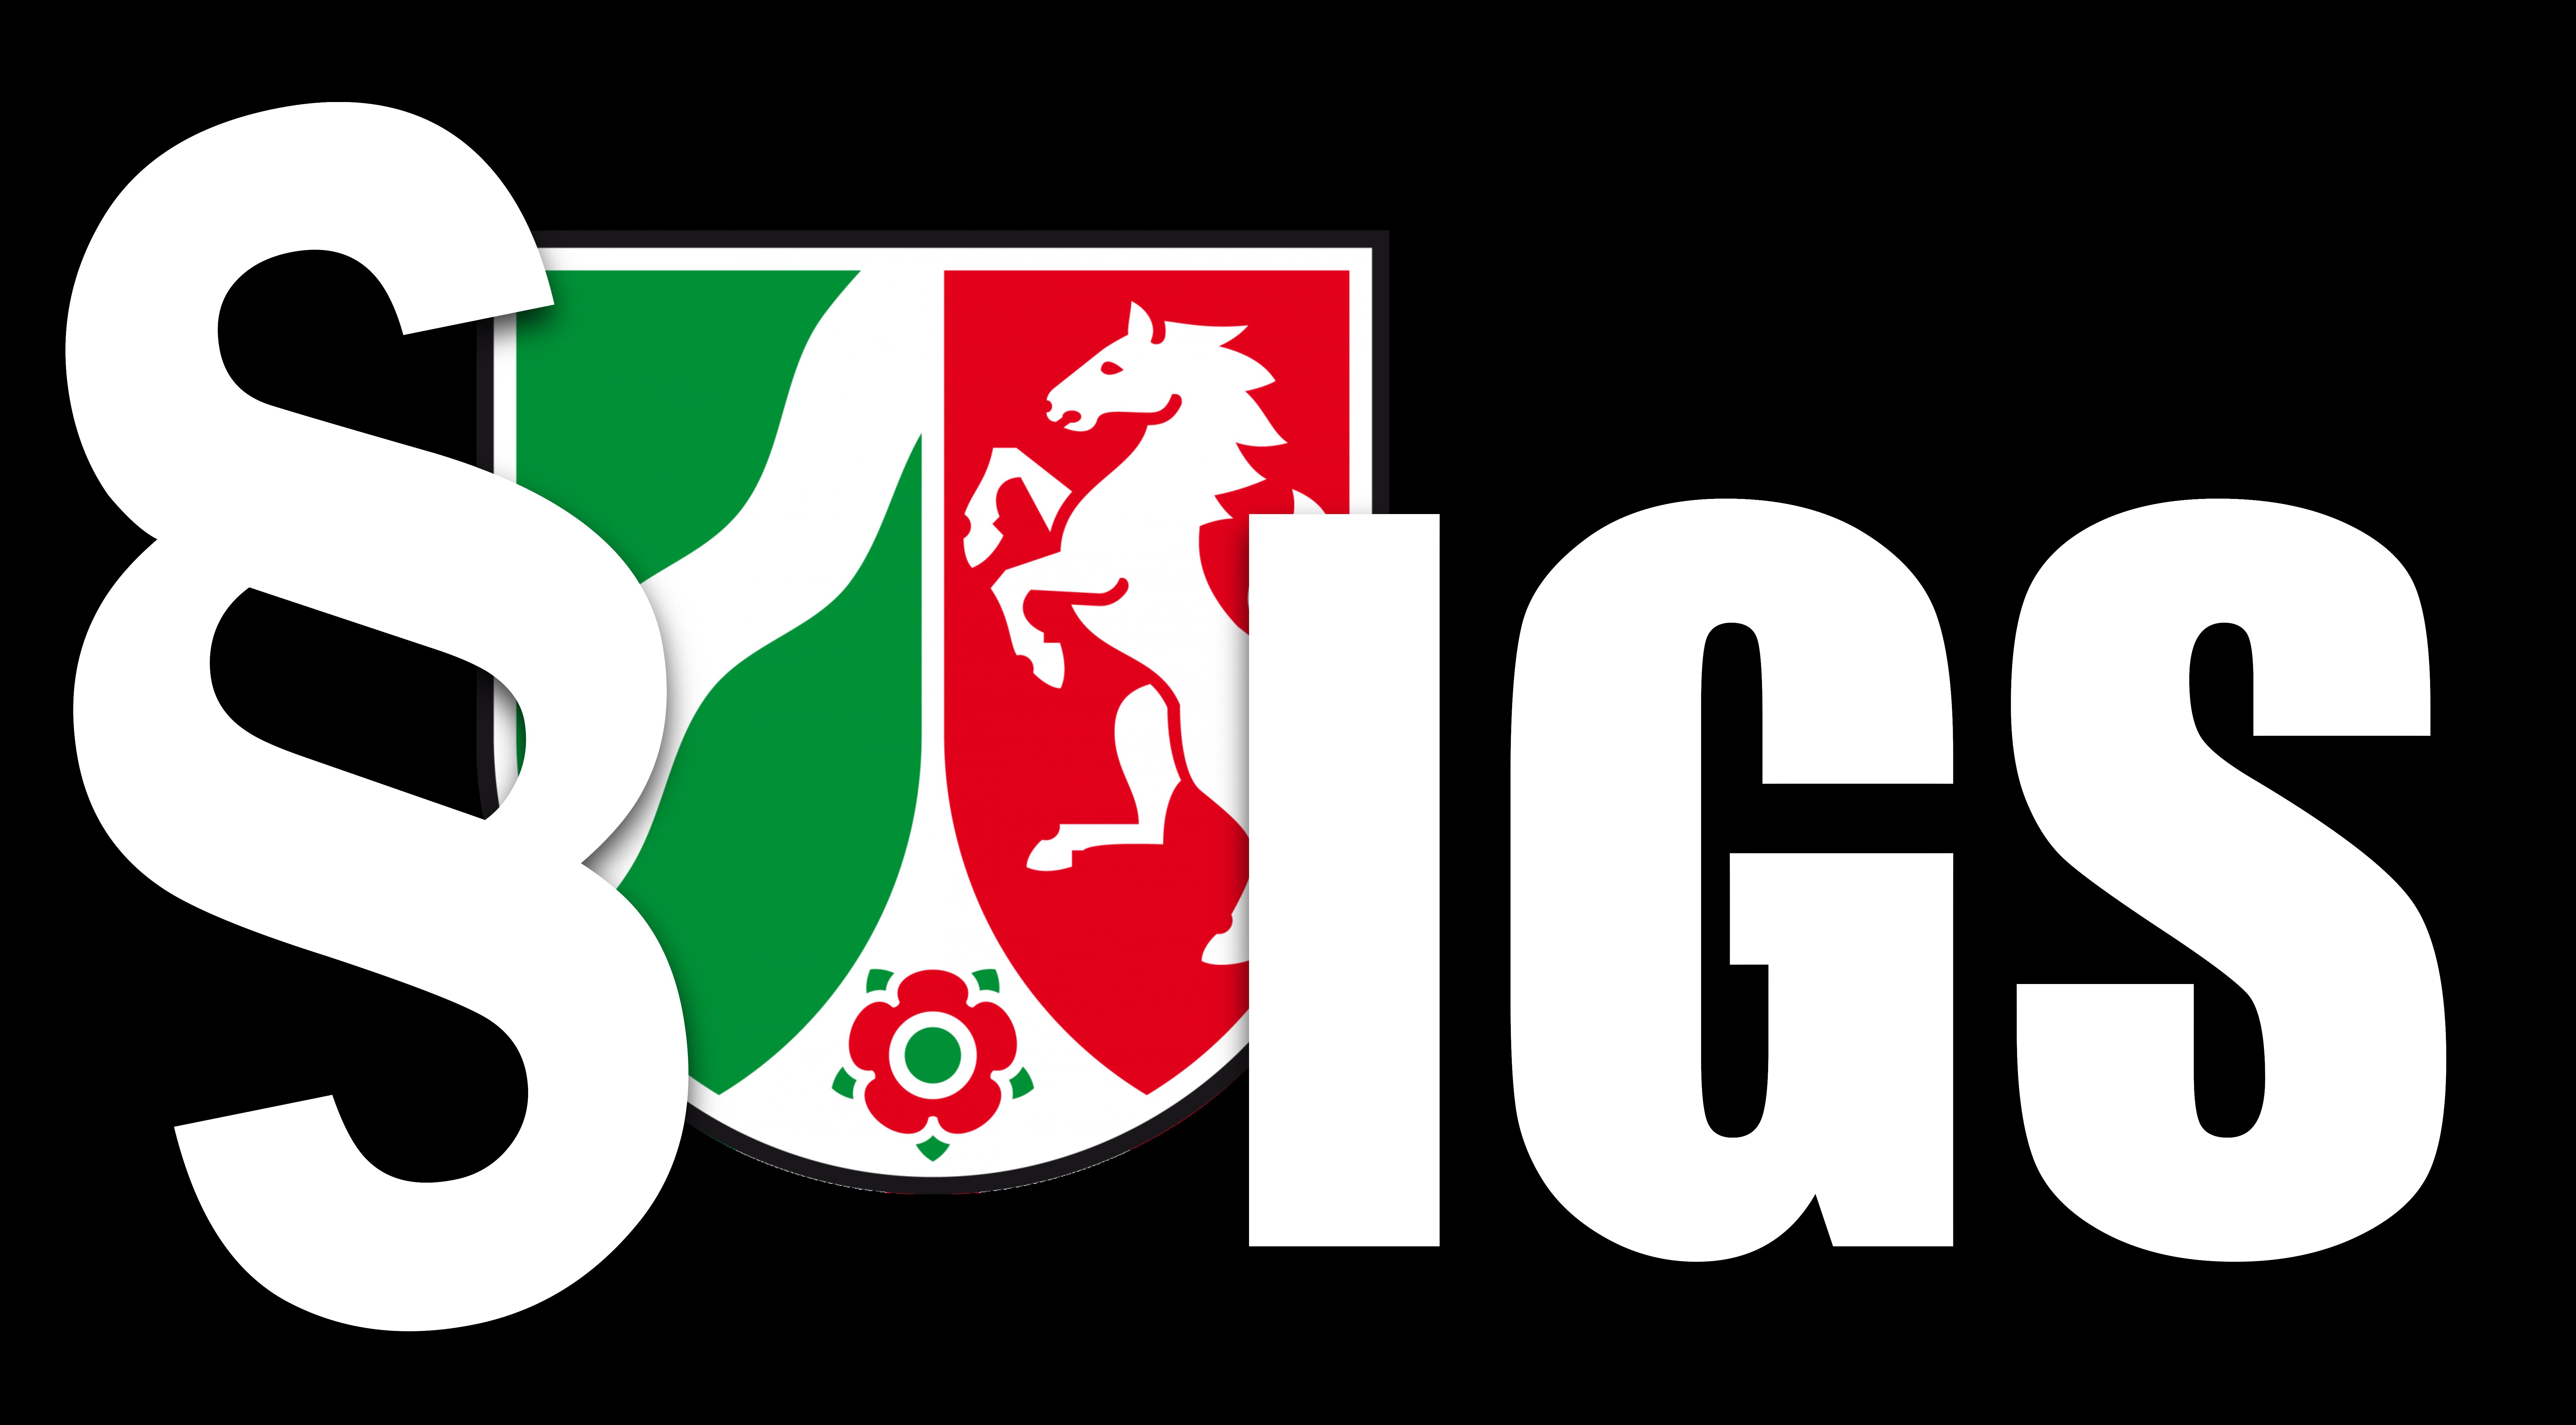 IGS – NRW